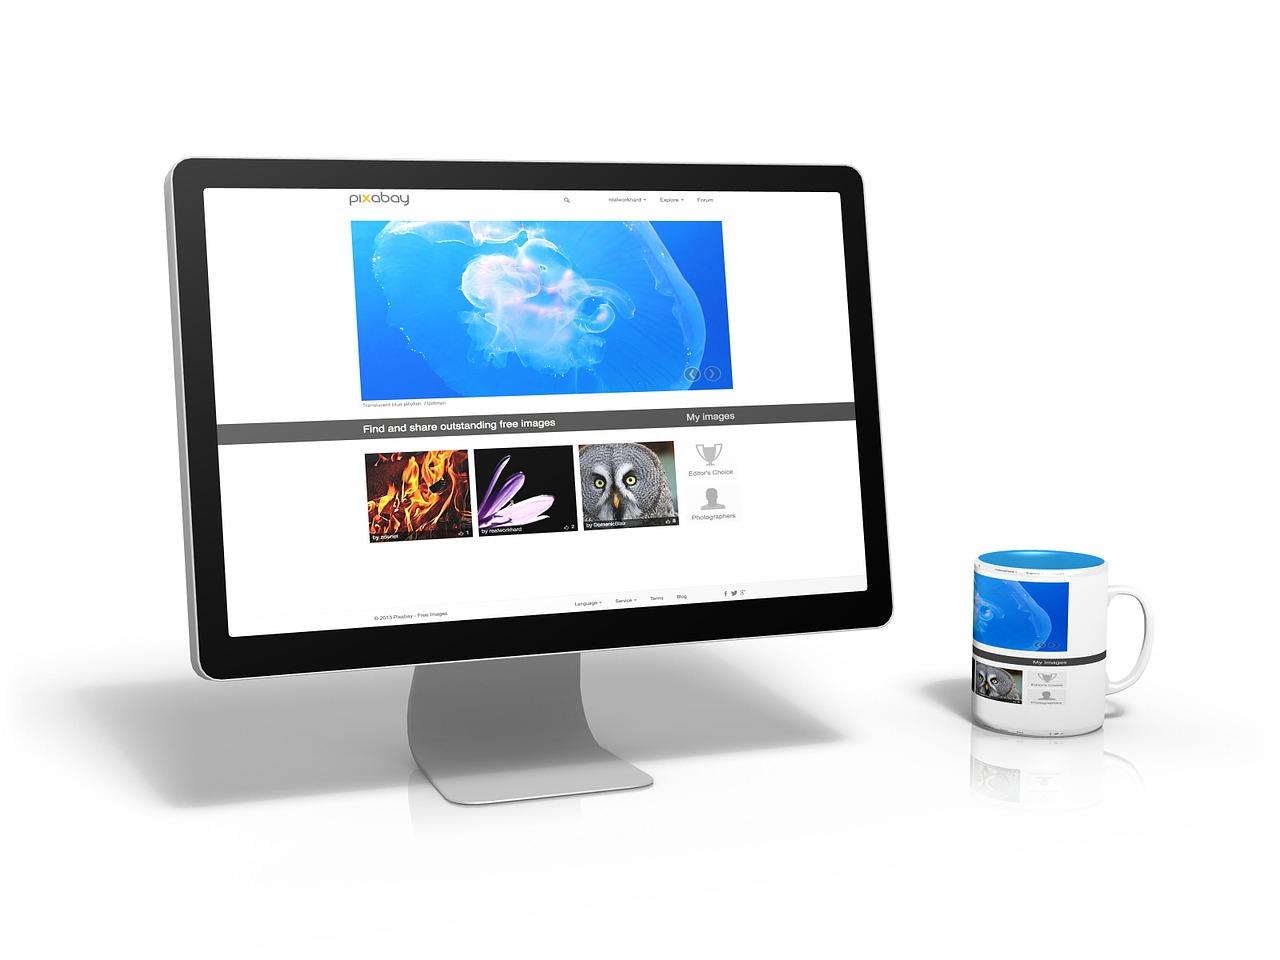 モニターにホームページが表示されている画像